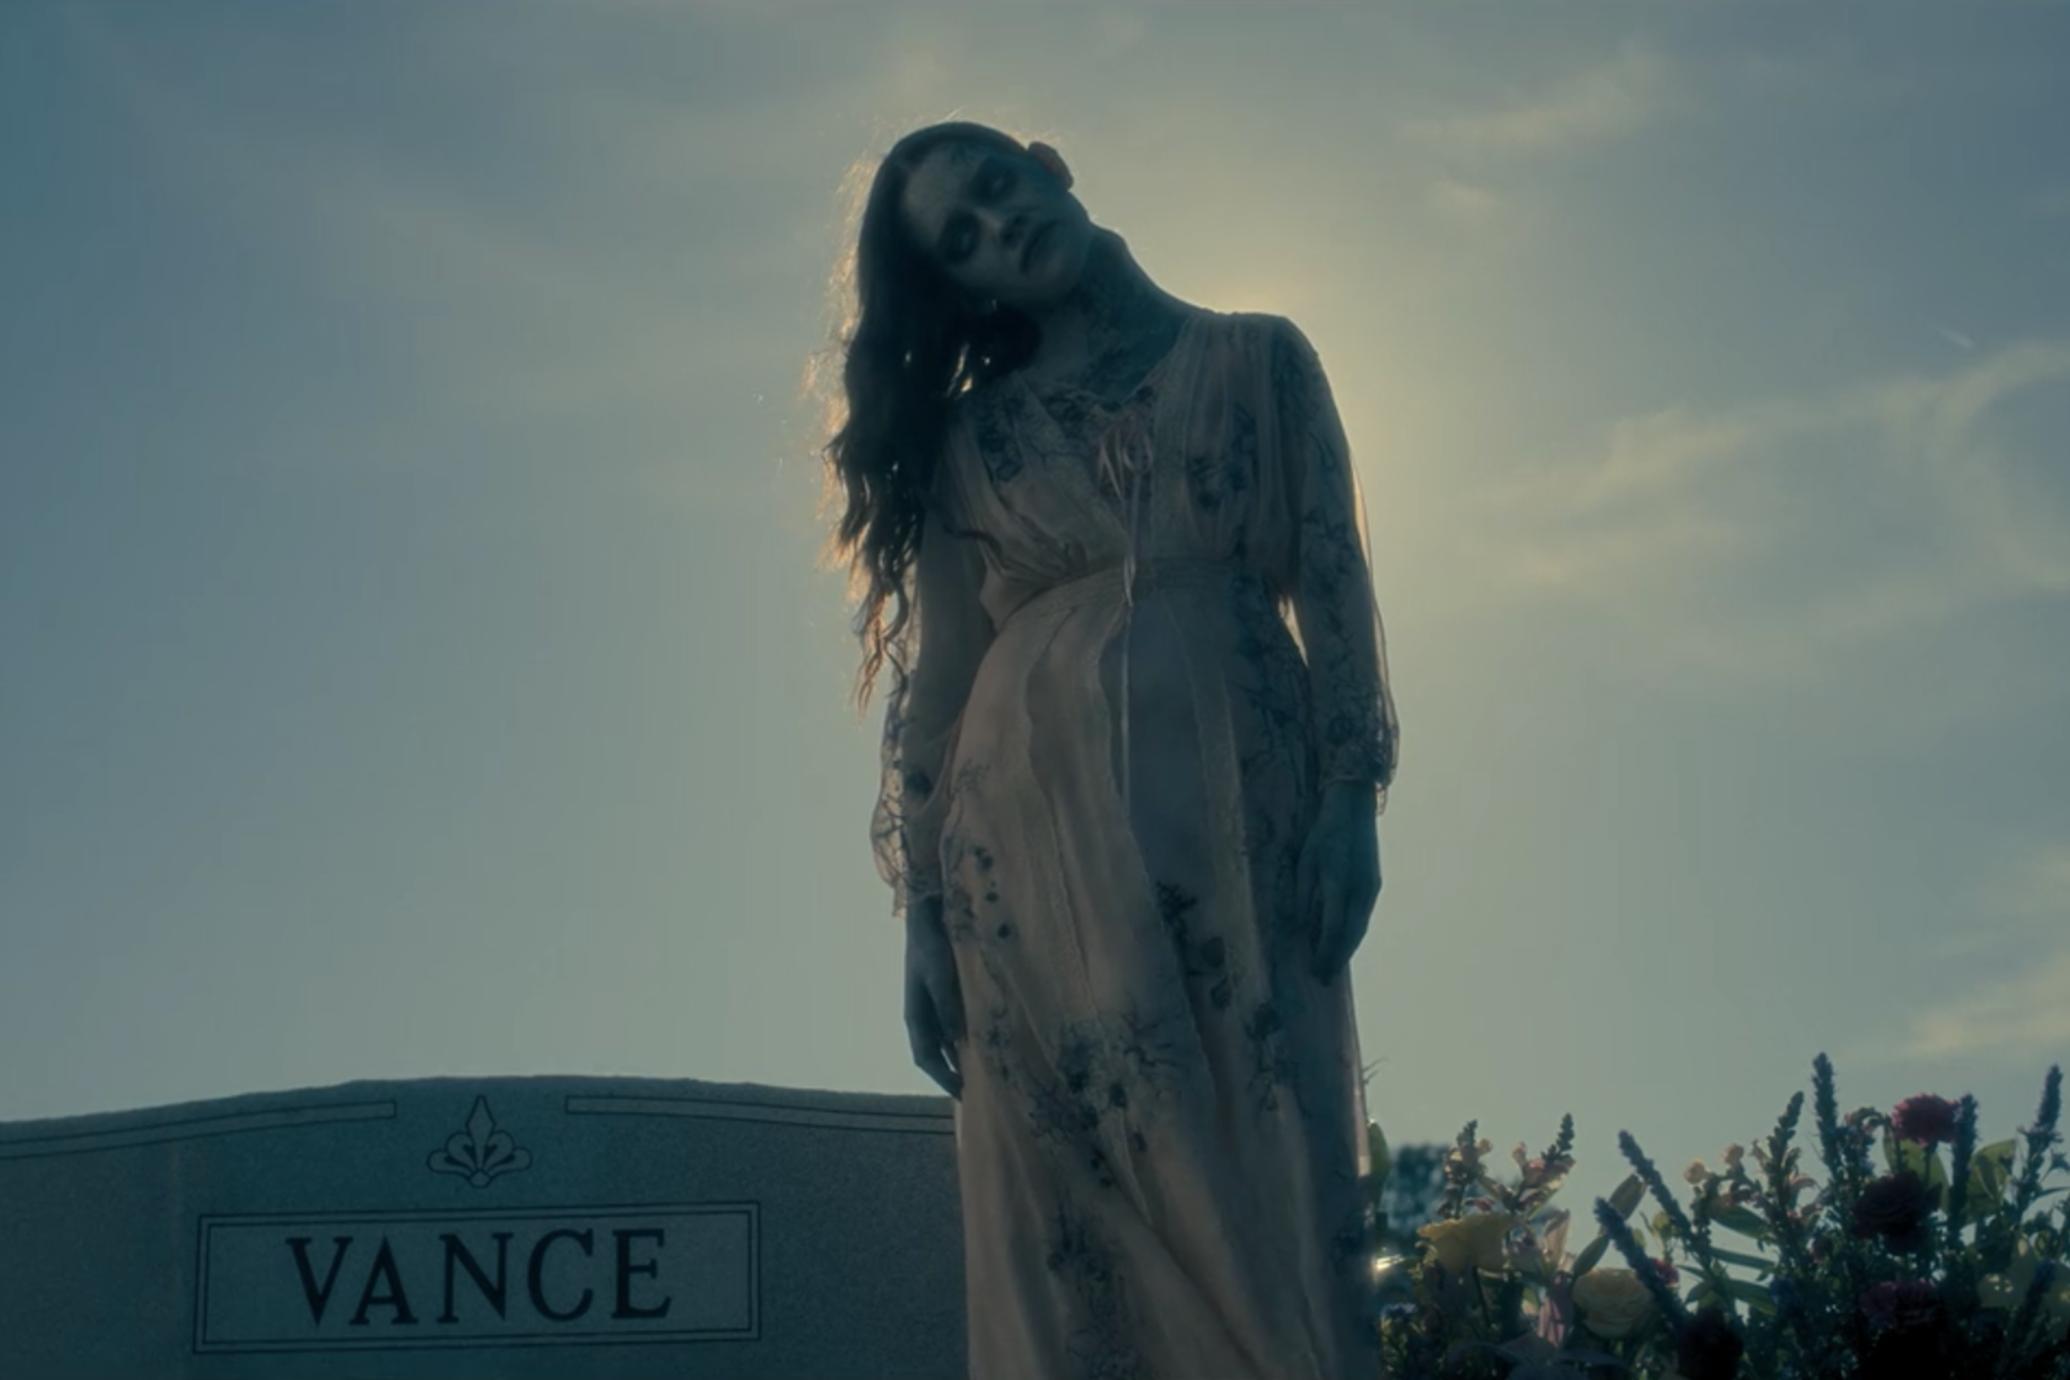 'La Maldición de Bly Manor' serie - Segunda temporada de 'La Maldición de Hill House'